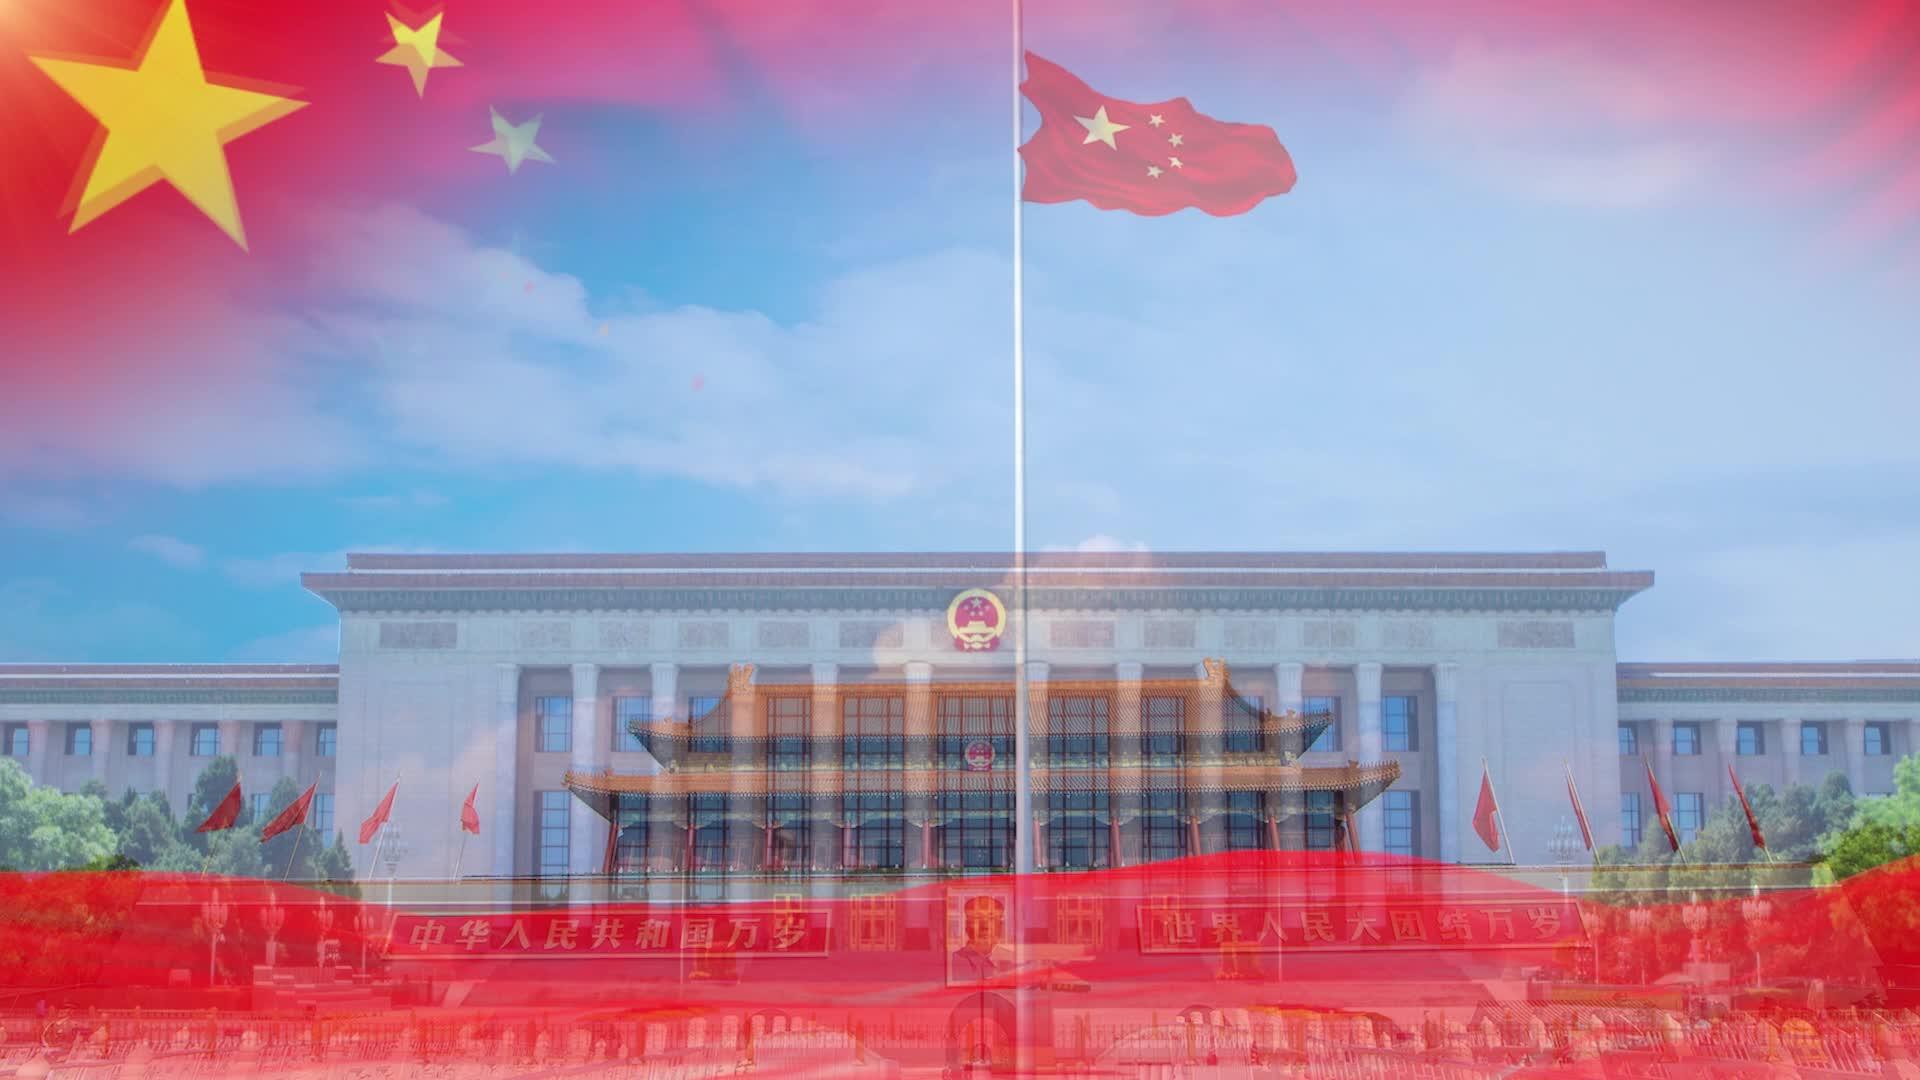 歌唱祖国歌颂祖国 祖国强大 爱国歌曲 红歌  led大屏视频背景